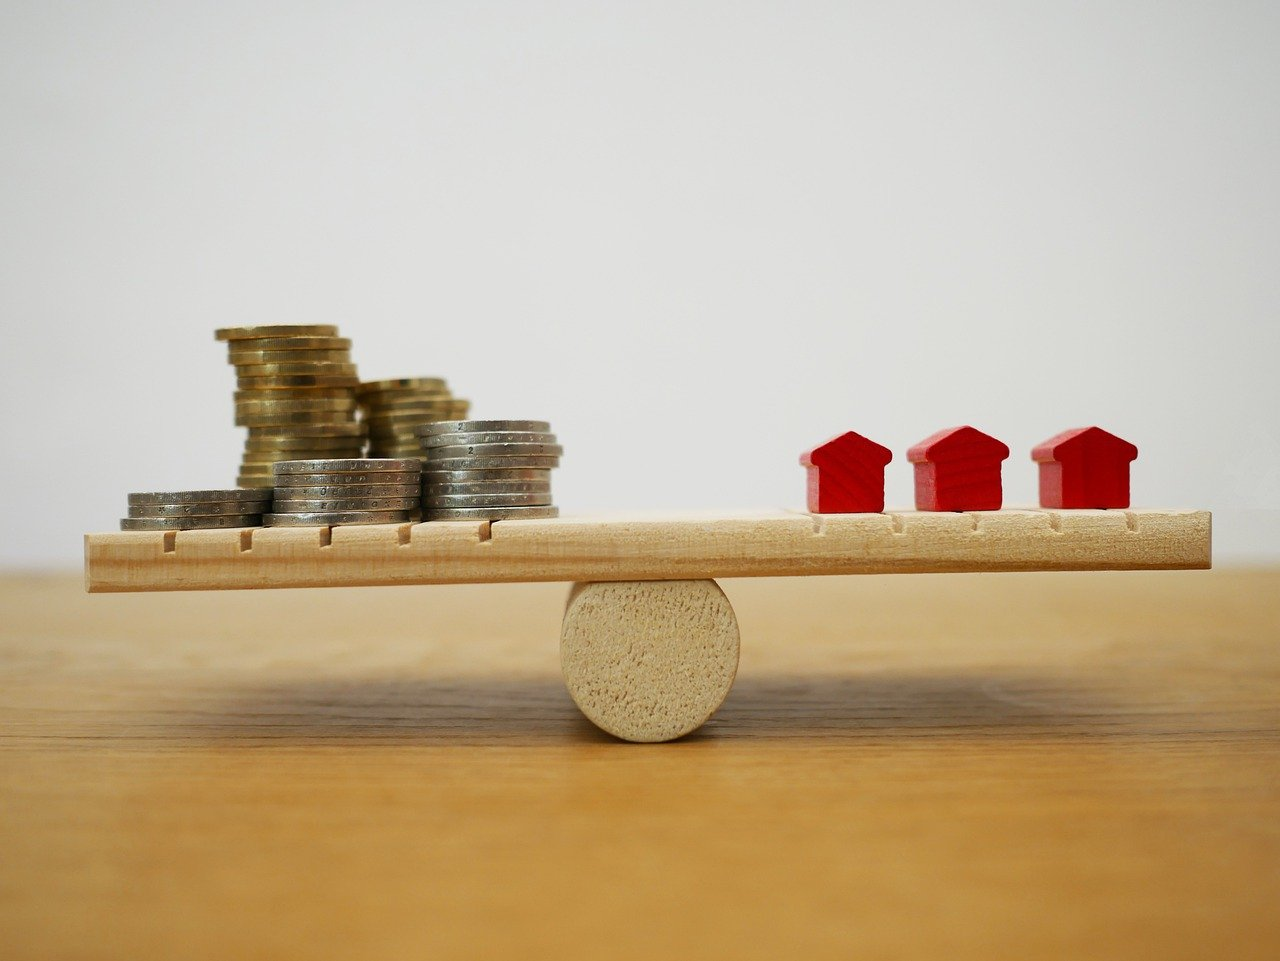 épargne en assurance vie / investissement immobilier